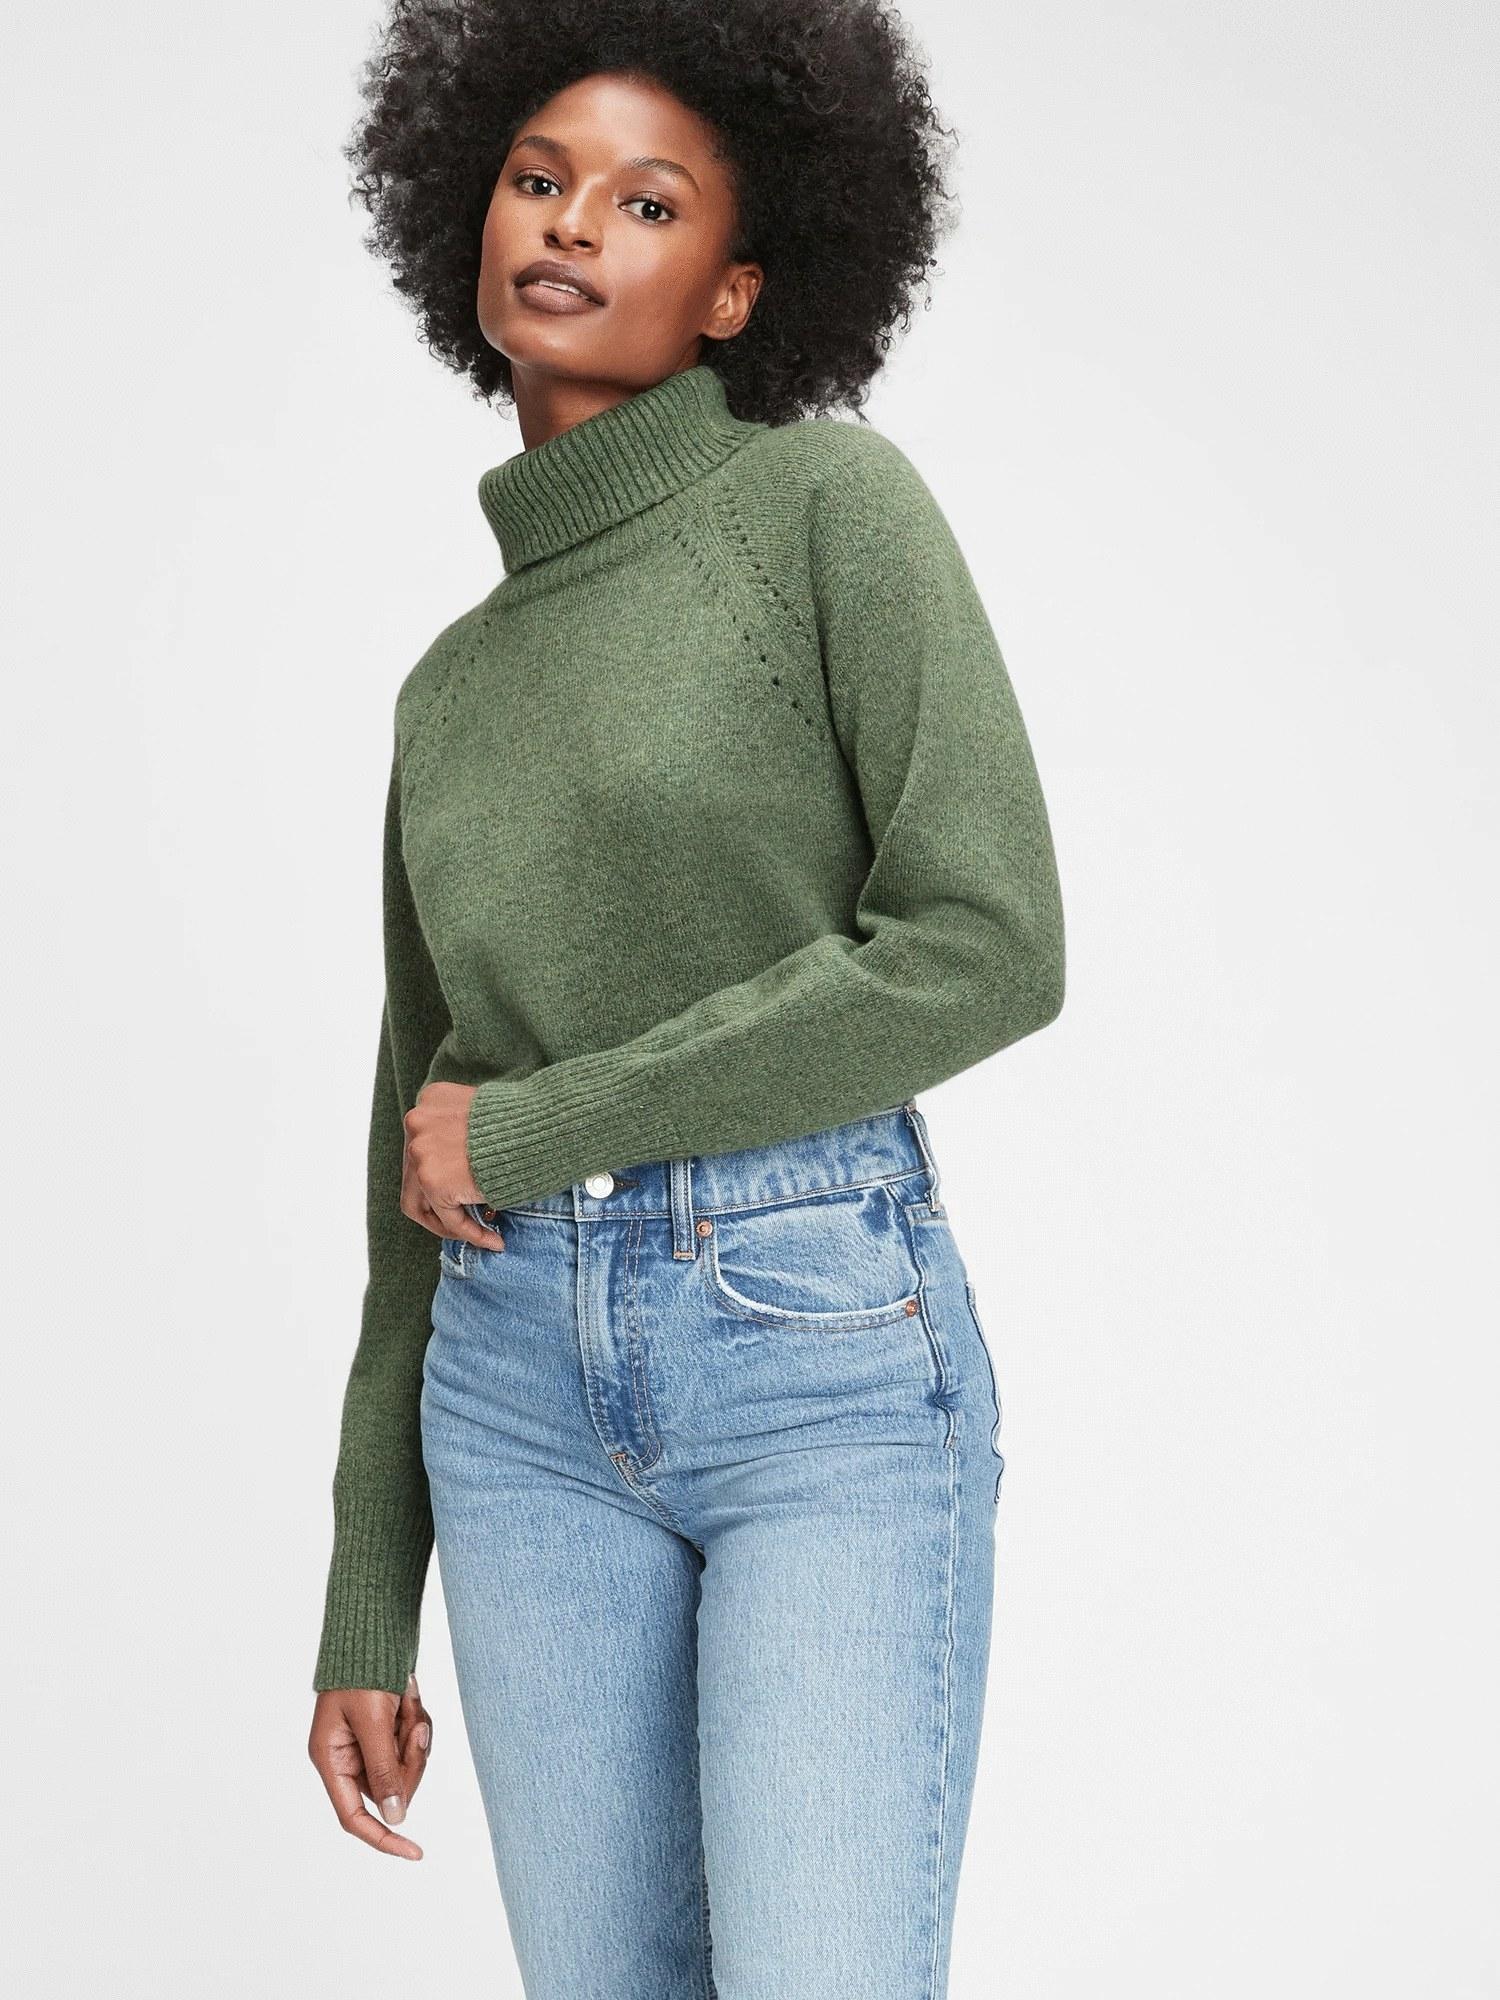 Model wearing green turtleneck sweater